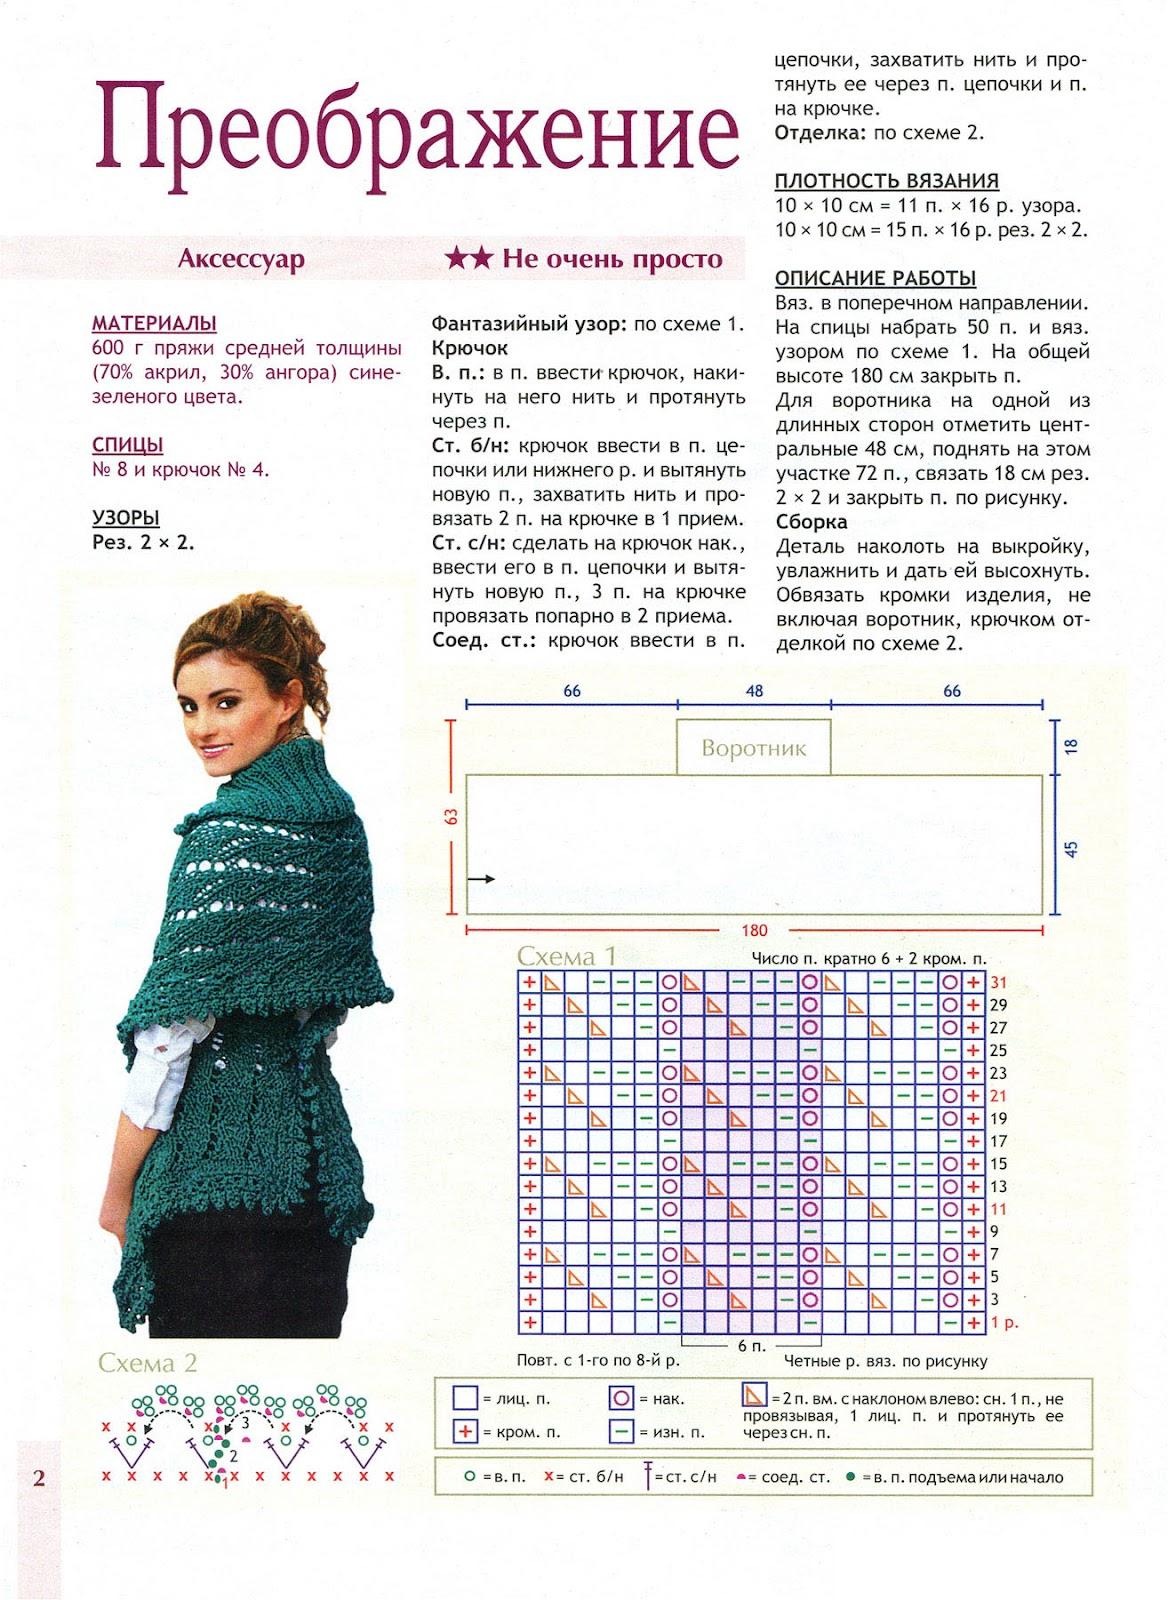 Жилет-шарф спицами схемы и описание